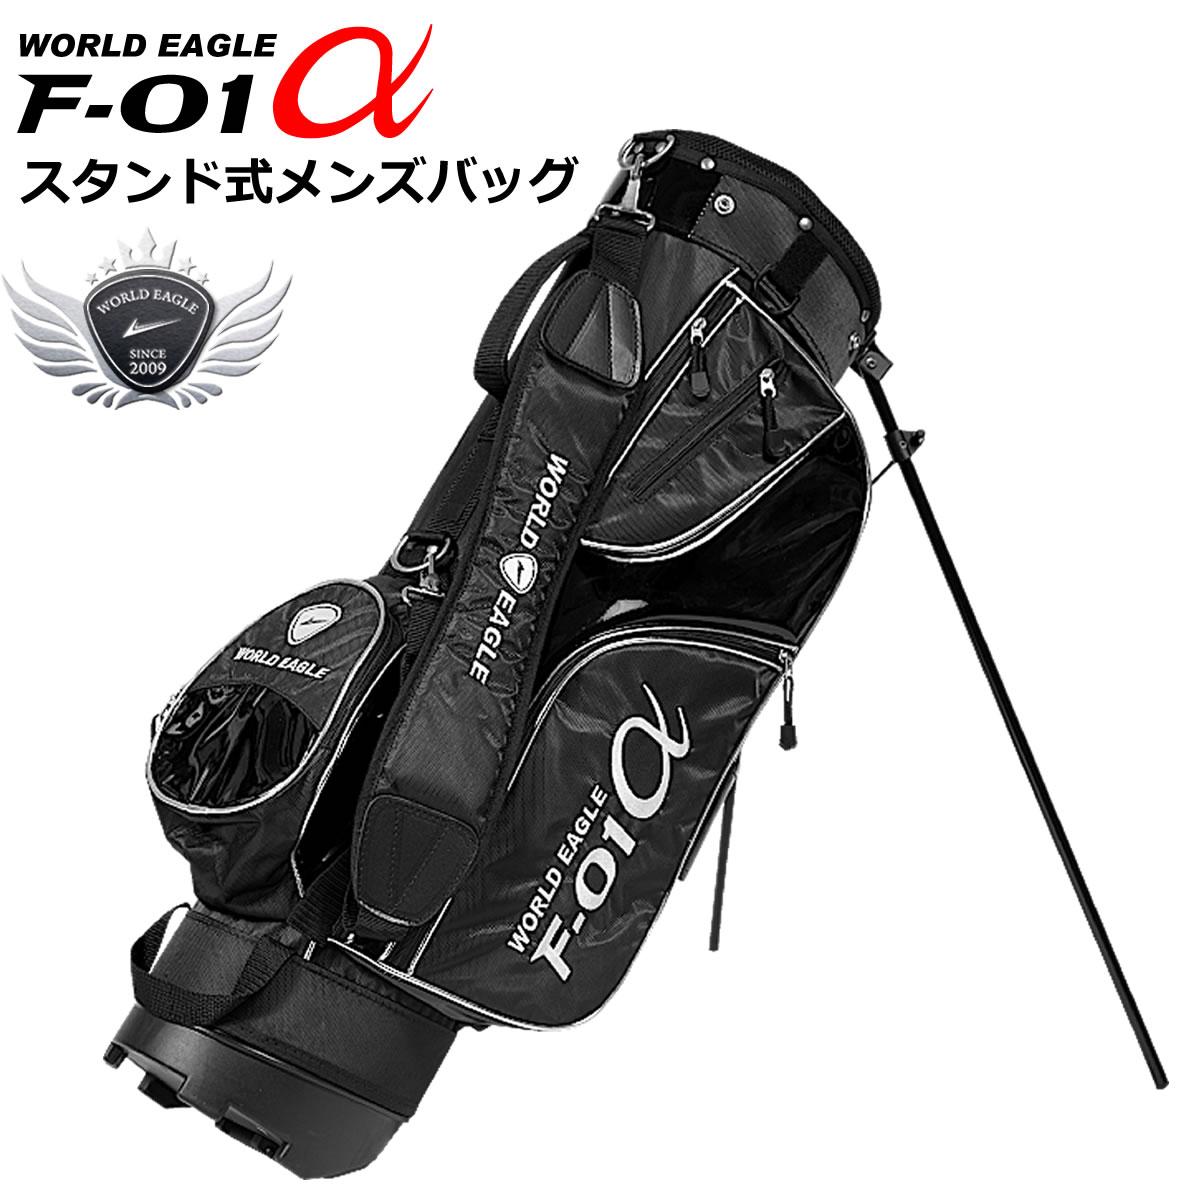 軽量バッグを探しているあなたにお勧め 井戸木プロ推薦 ワールドイーグル F-01α 豪華な メンズ メーカー直売 キャディバッグ スタンドバッグ ブラック